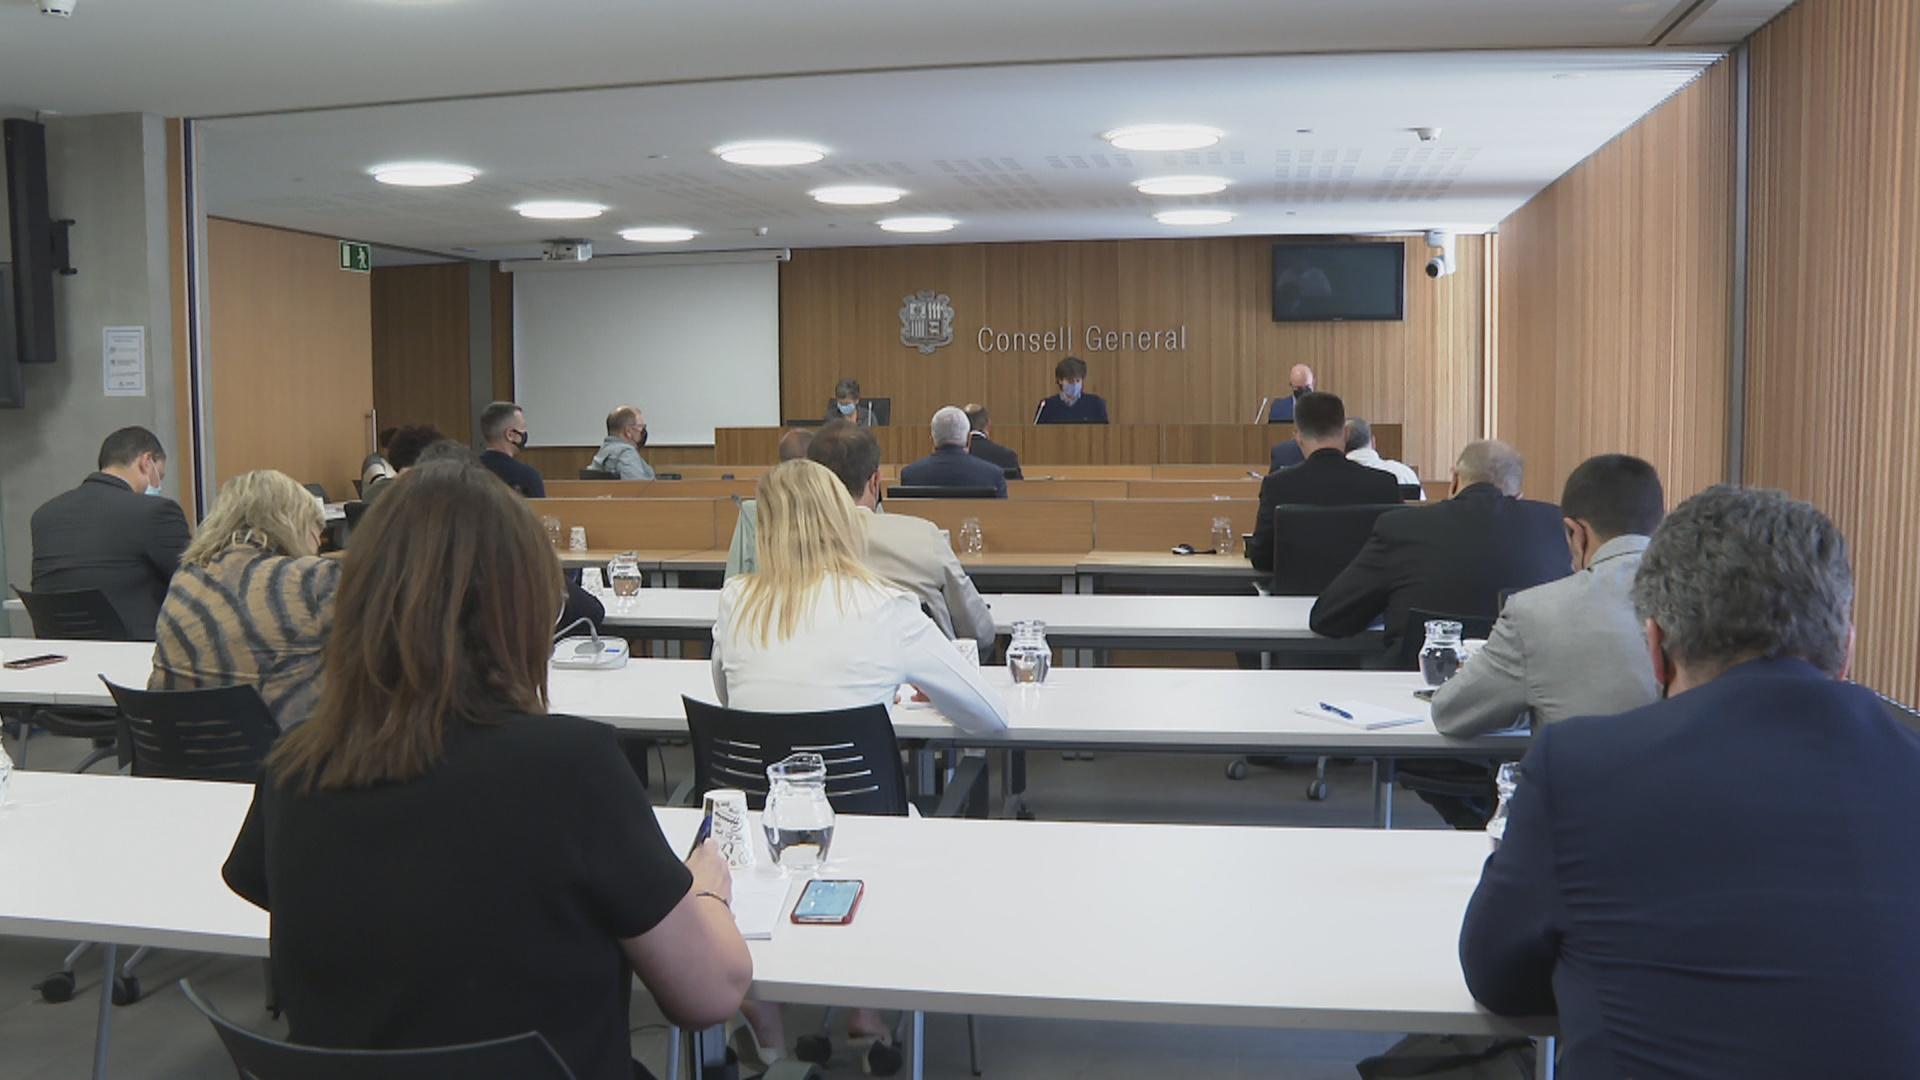 La comissió per al futur de les pensions comença a treballar i comptarà amb l'opinió d'experts